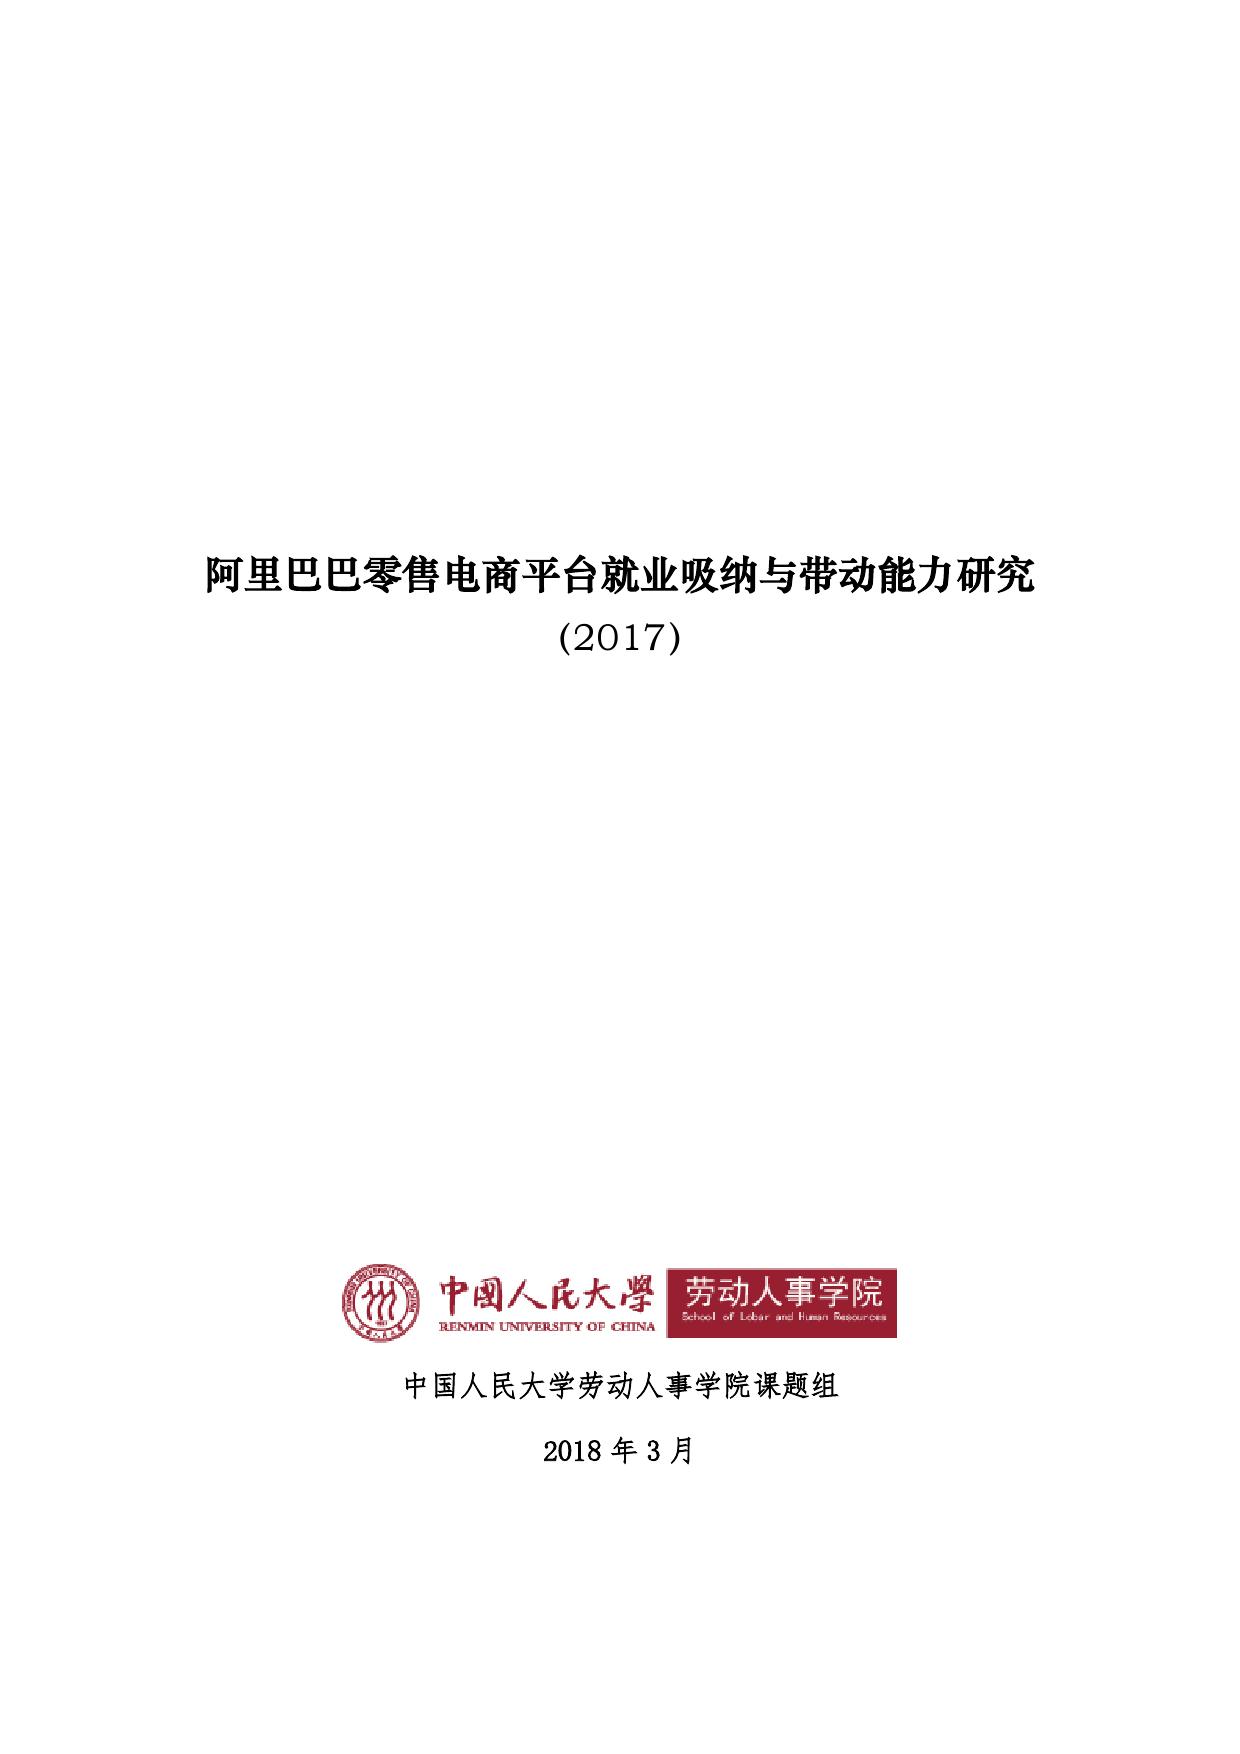 阿里研究院:电商是中国新就业重要组成部分(附下载)